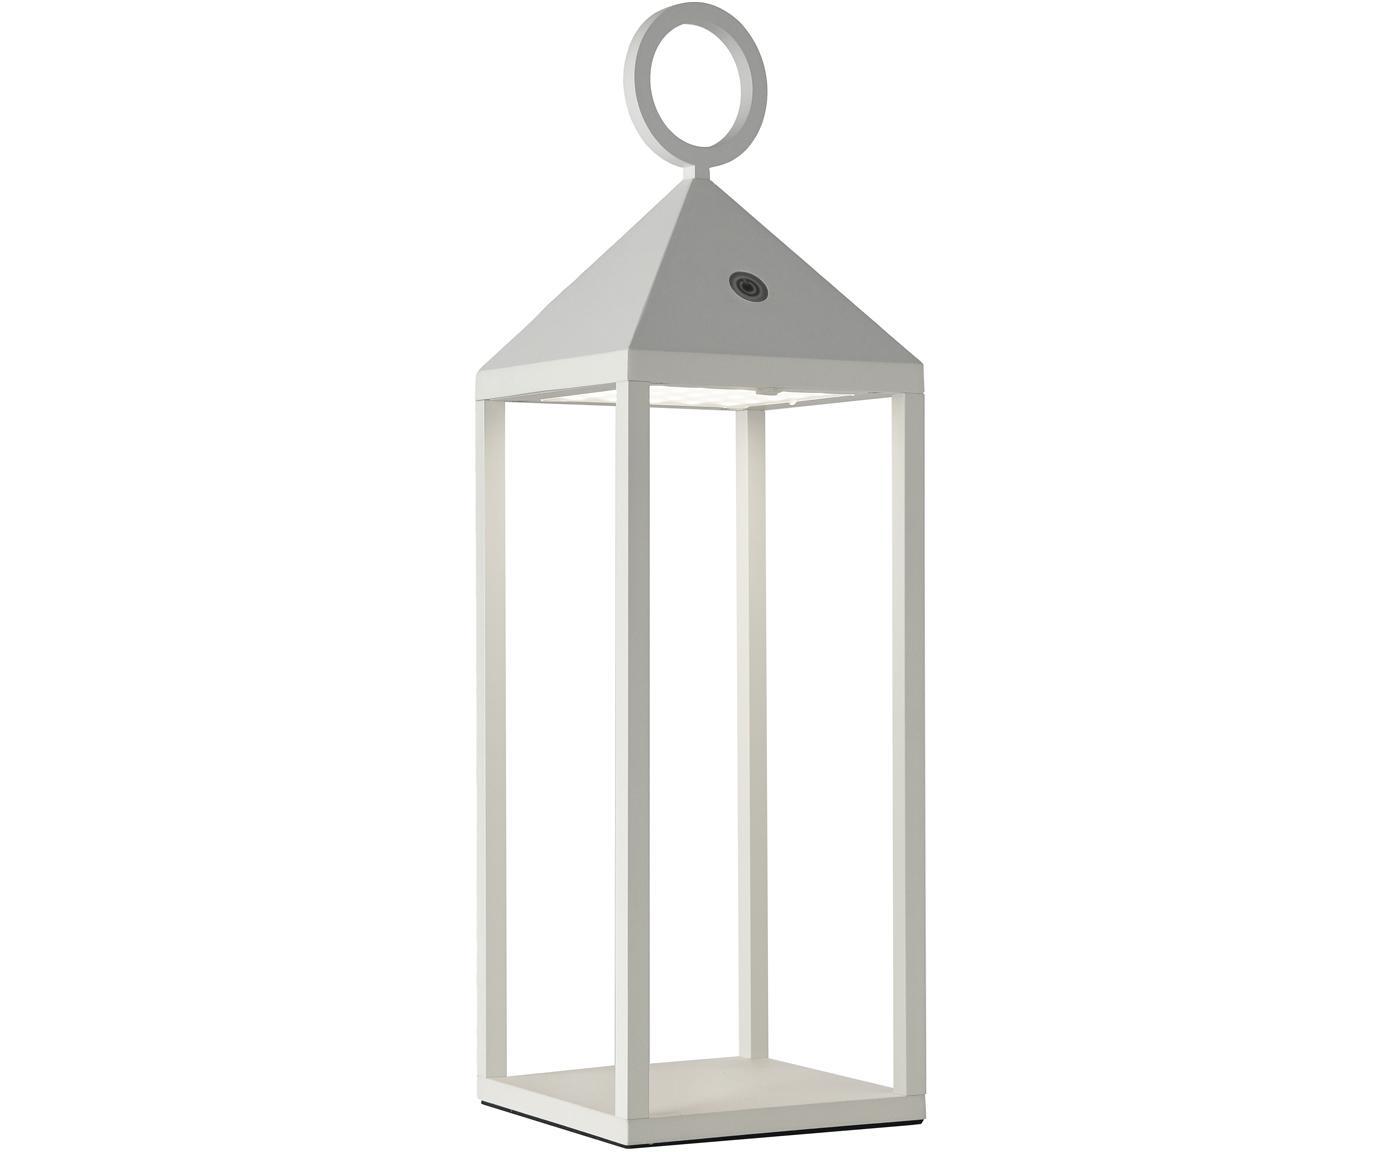 Zewnętrzna mobilna lampa LED Cargo, Aluminium lakierowane, Biały, S 14 x W 47 cm